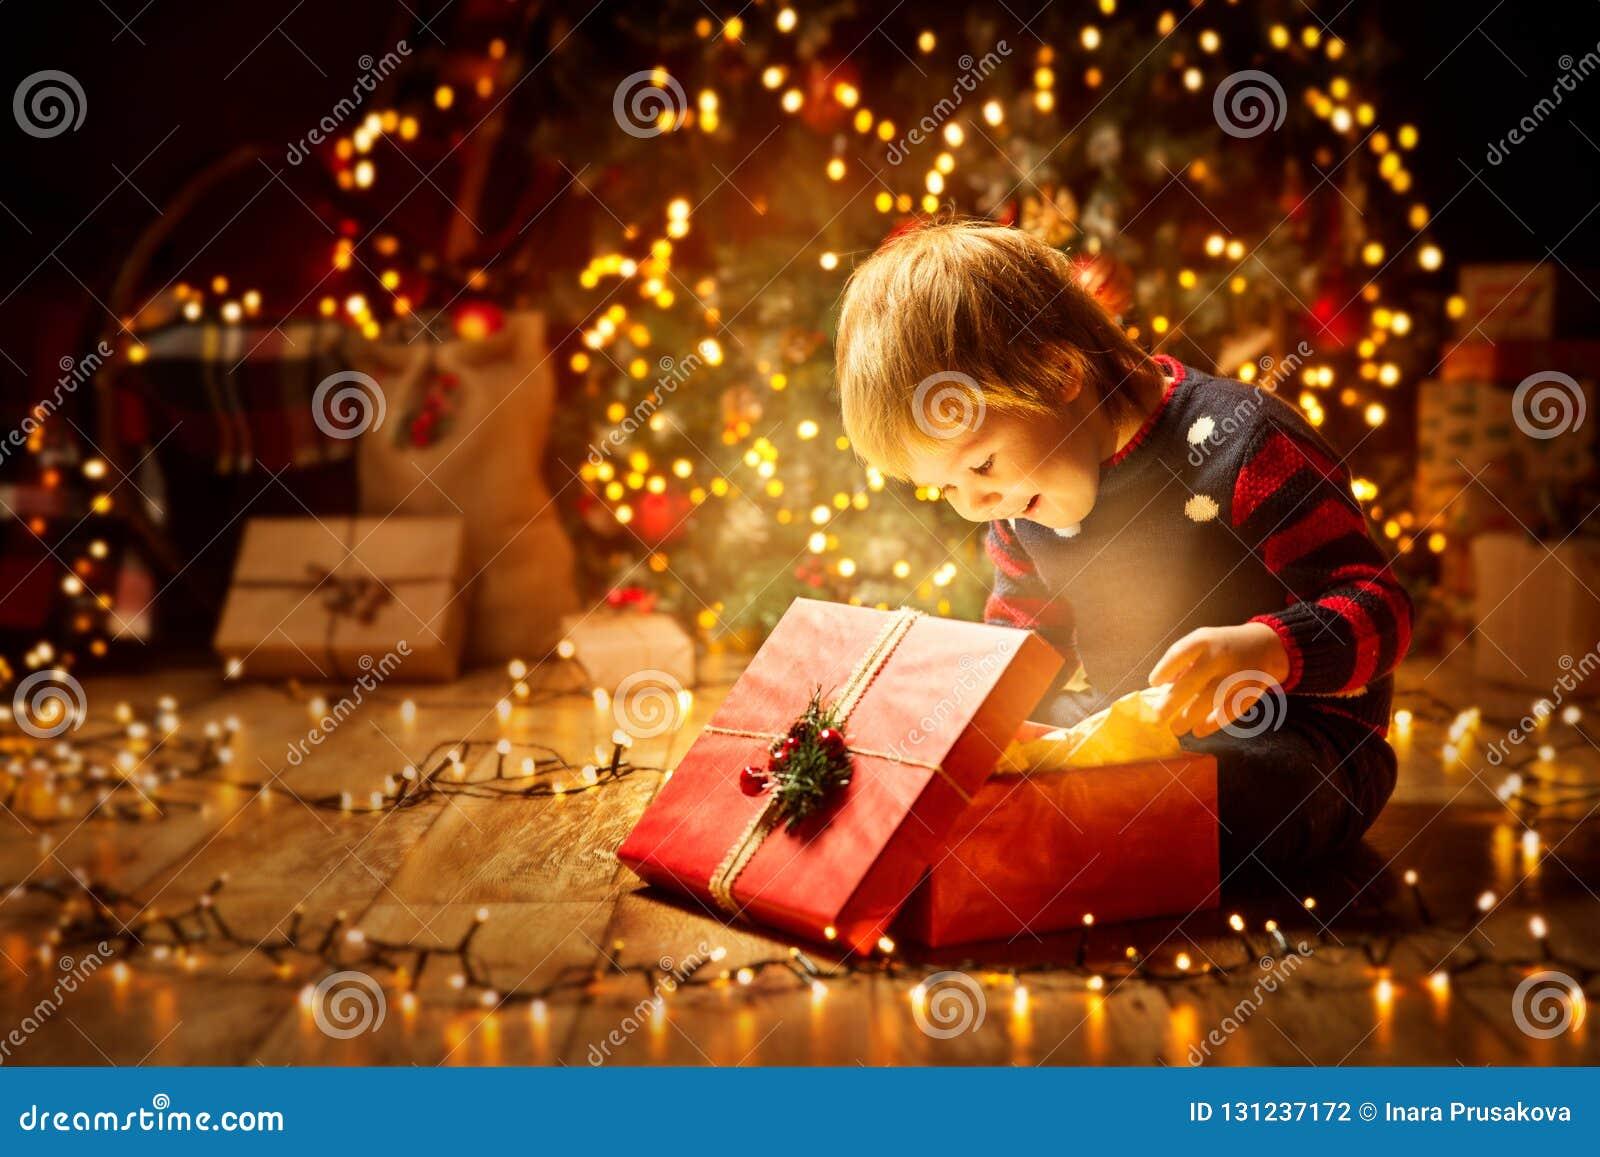 Ανοικτό παρόν δώρο παιδιών Χριστουγέννων, ευτυχές αγοράκι που φαίνεται κιβώτιο